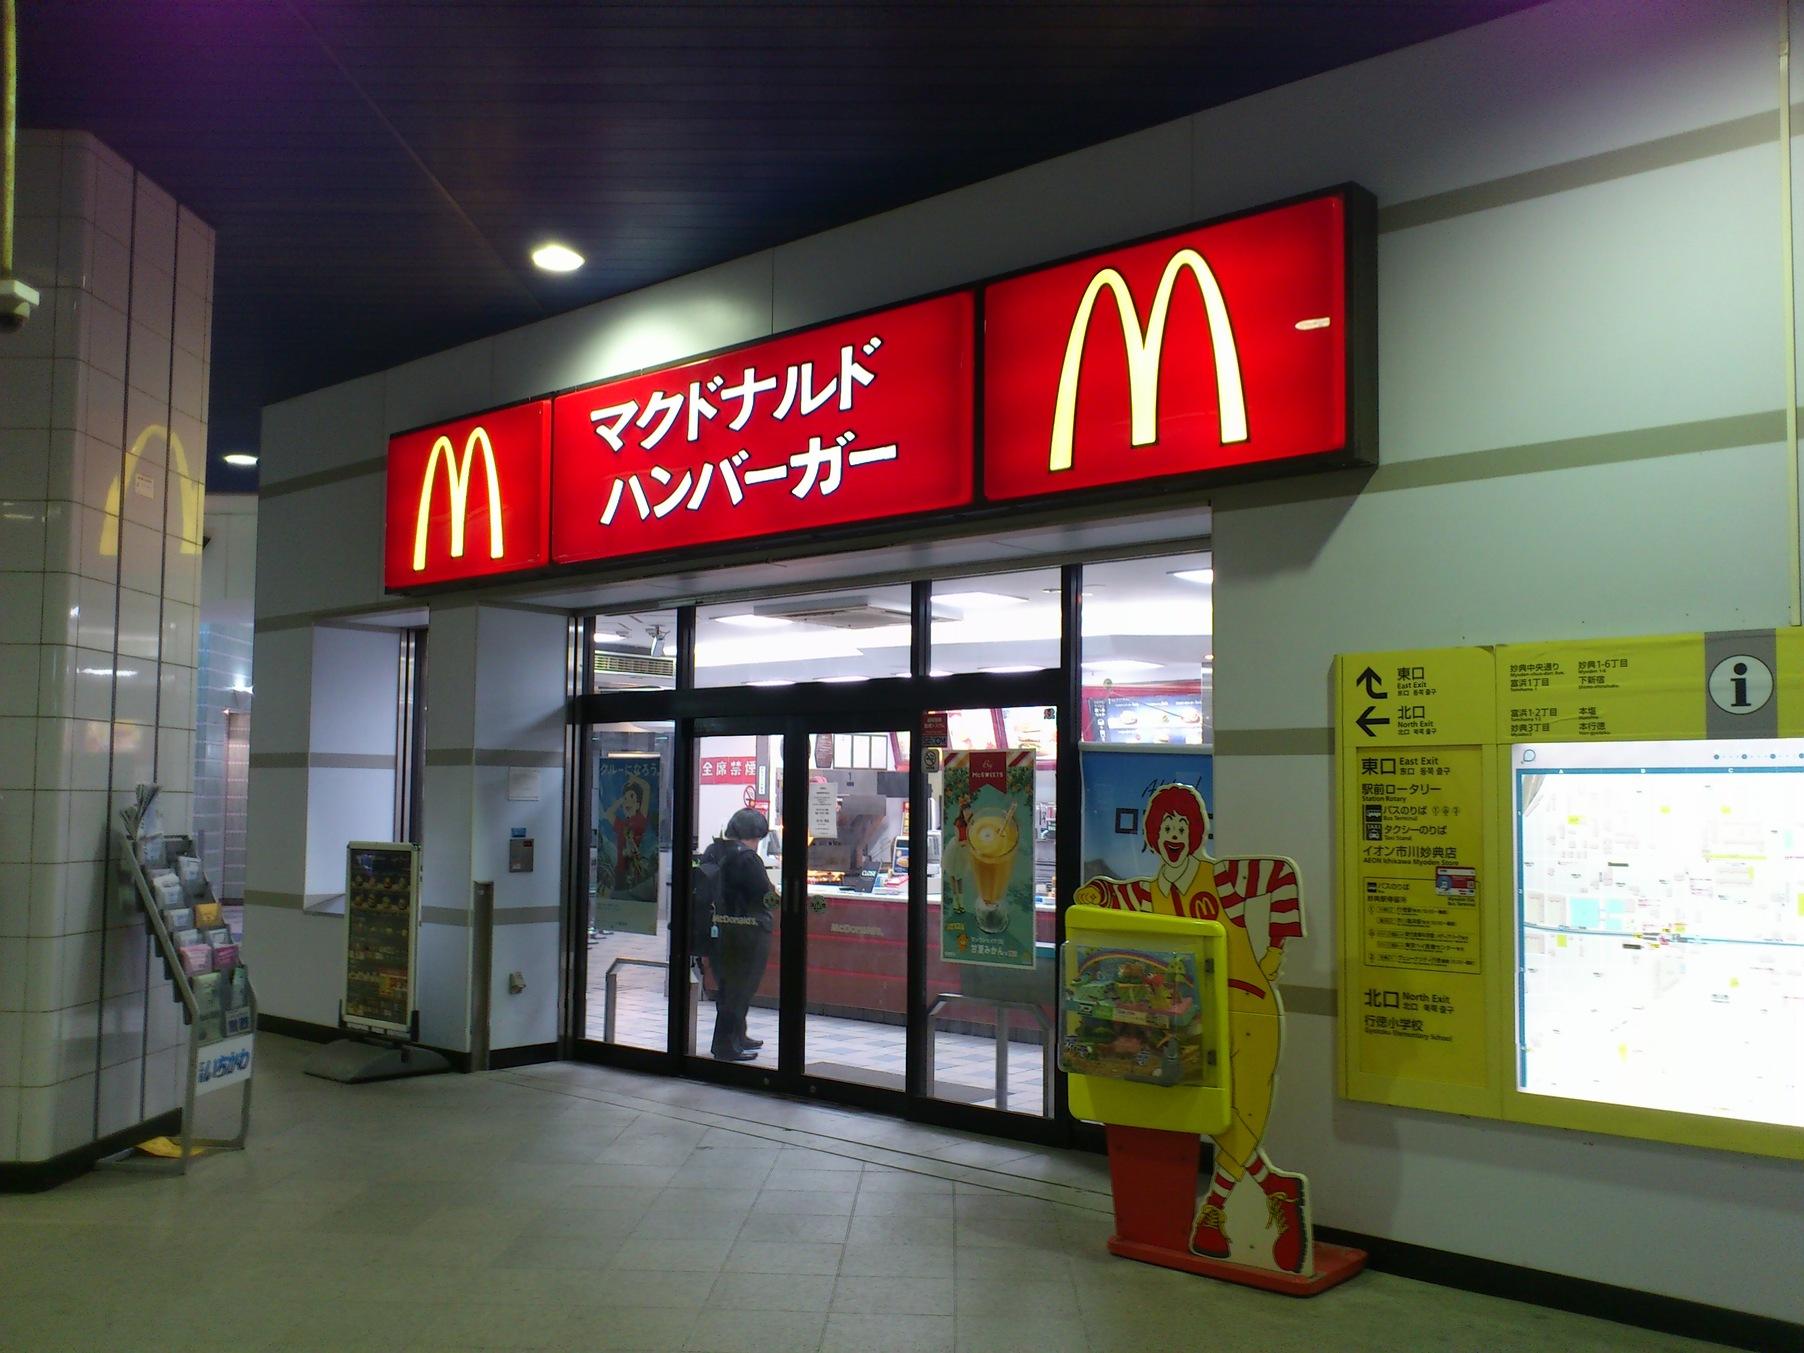 マクドナルド 妙典駅店